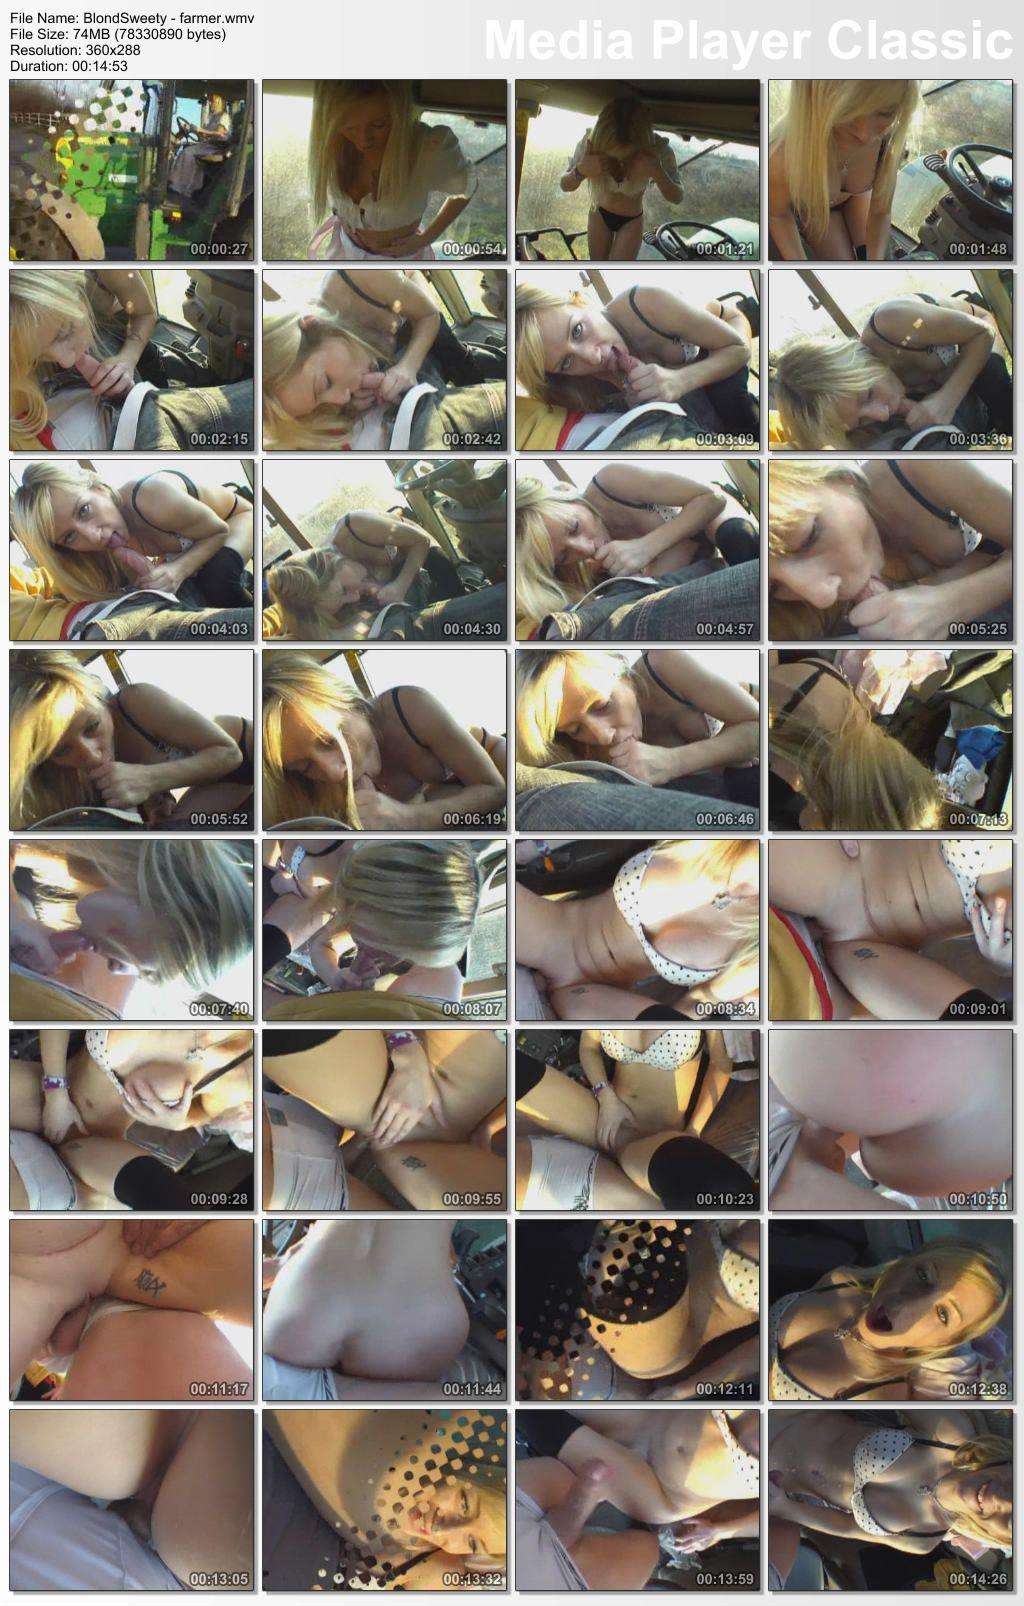 http://i4.imageban.ru/out/2010/10/18/aef6b488009e592de76ae32262c25b09.jpg